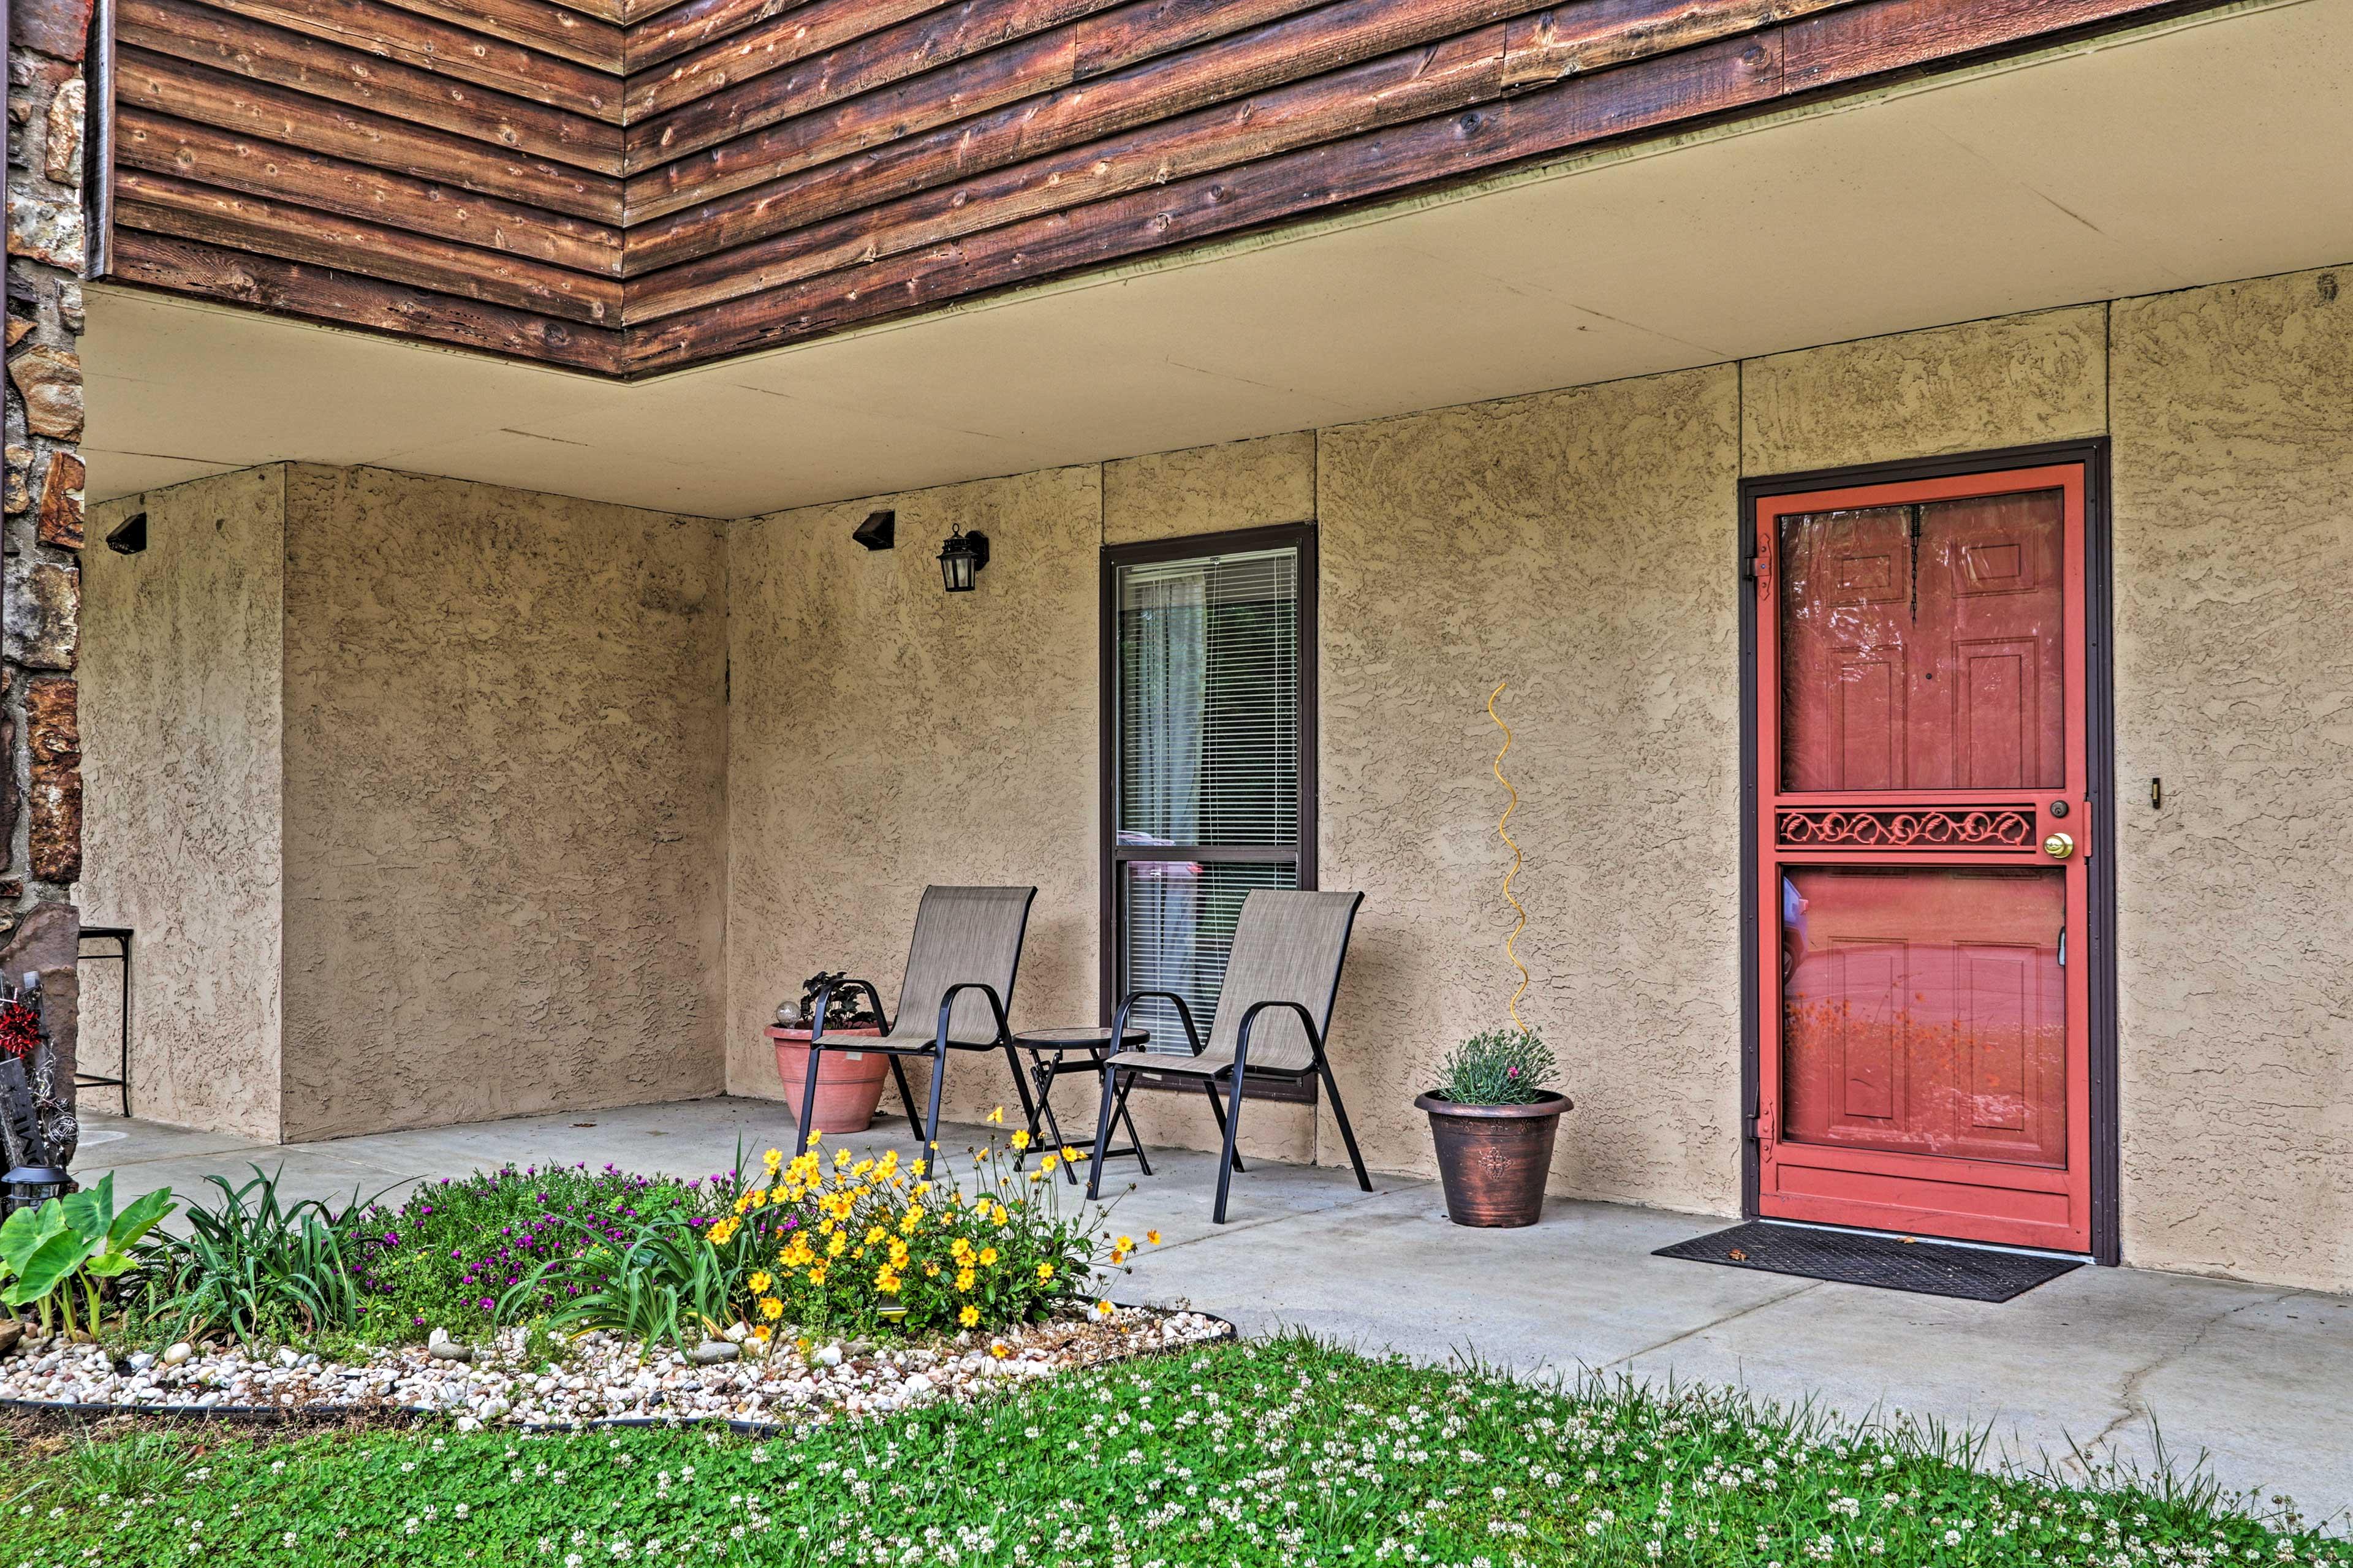 Condo Exterior   Front Porch